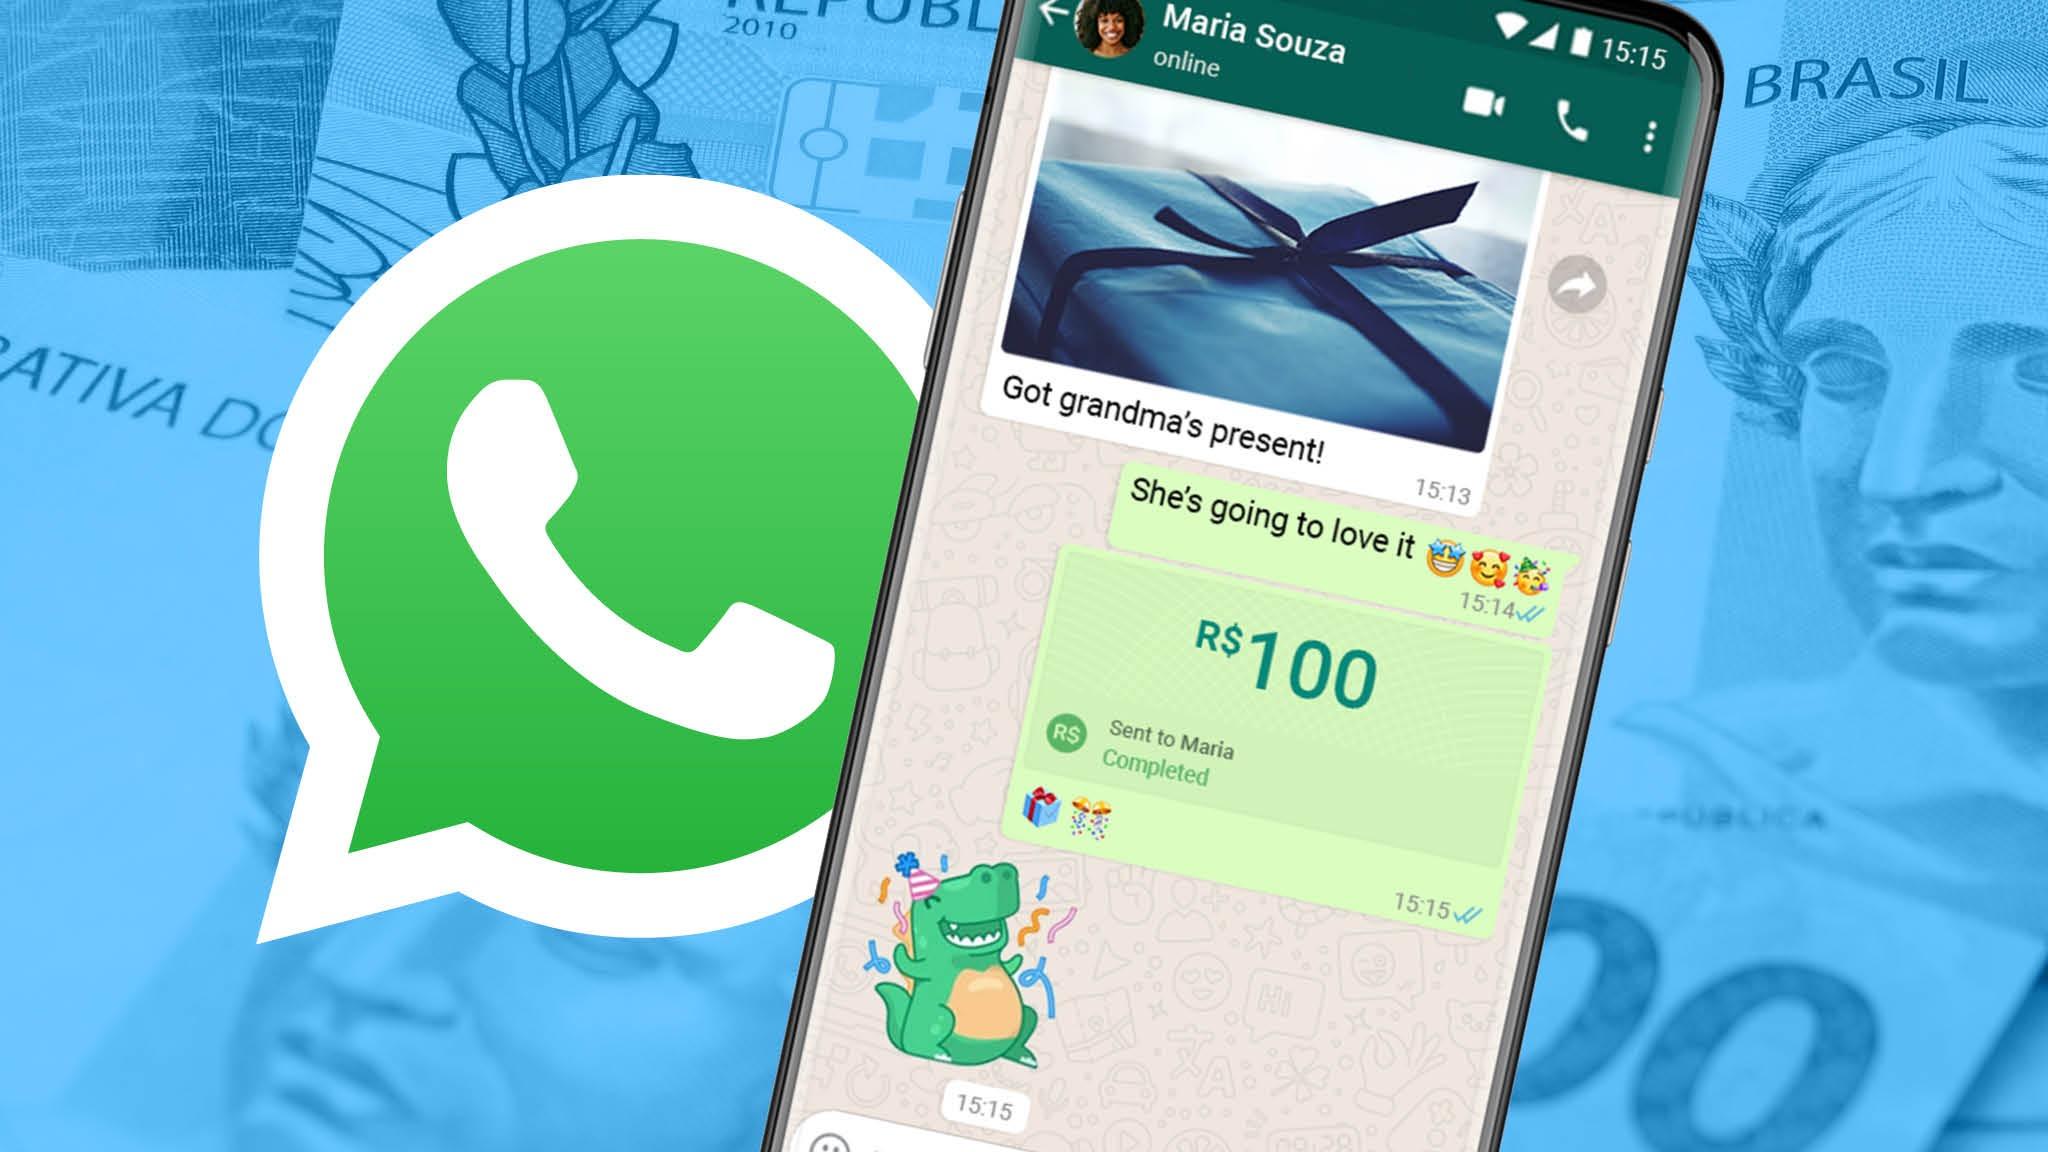 Presidente do Banco Central disse que o WhatsApp Pay será liberado no Brasil